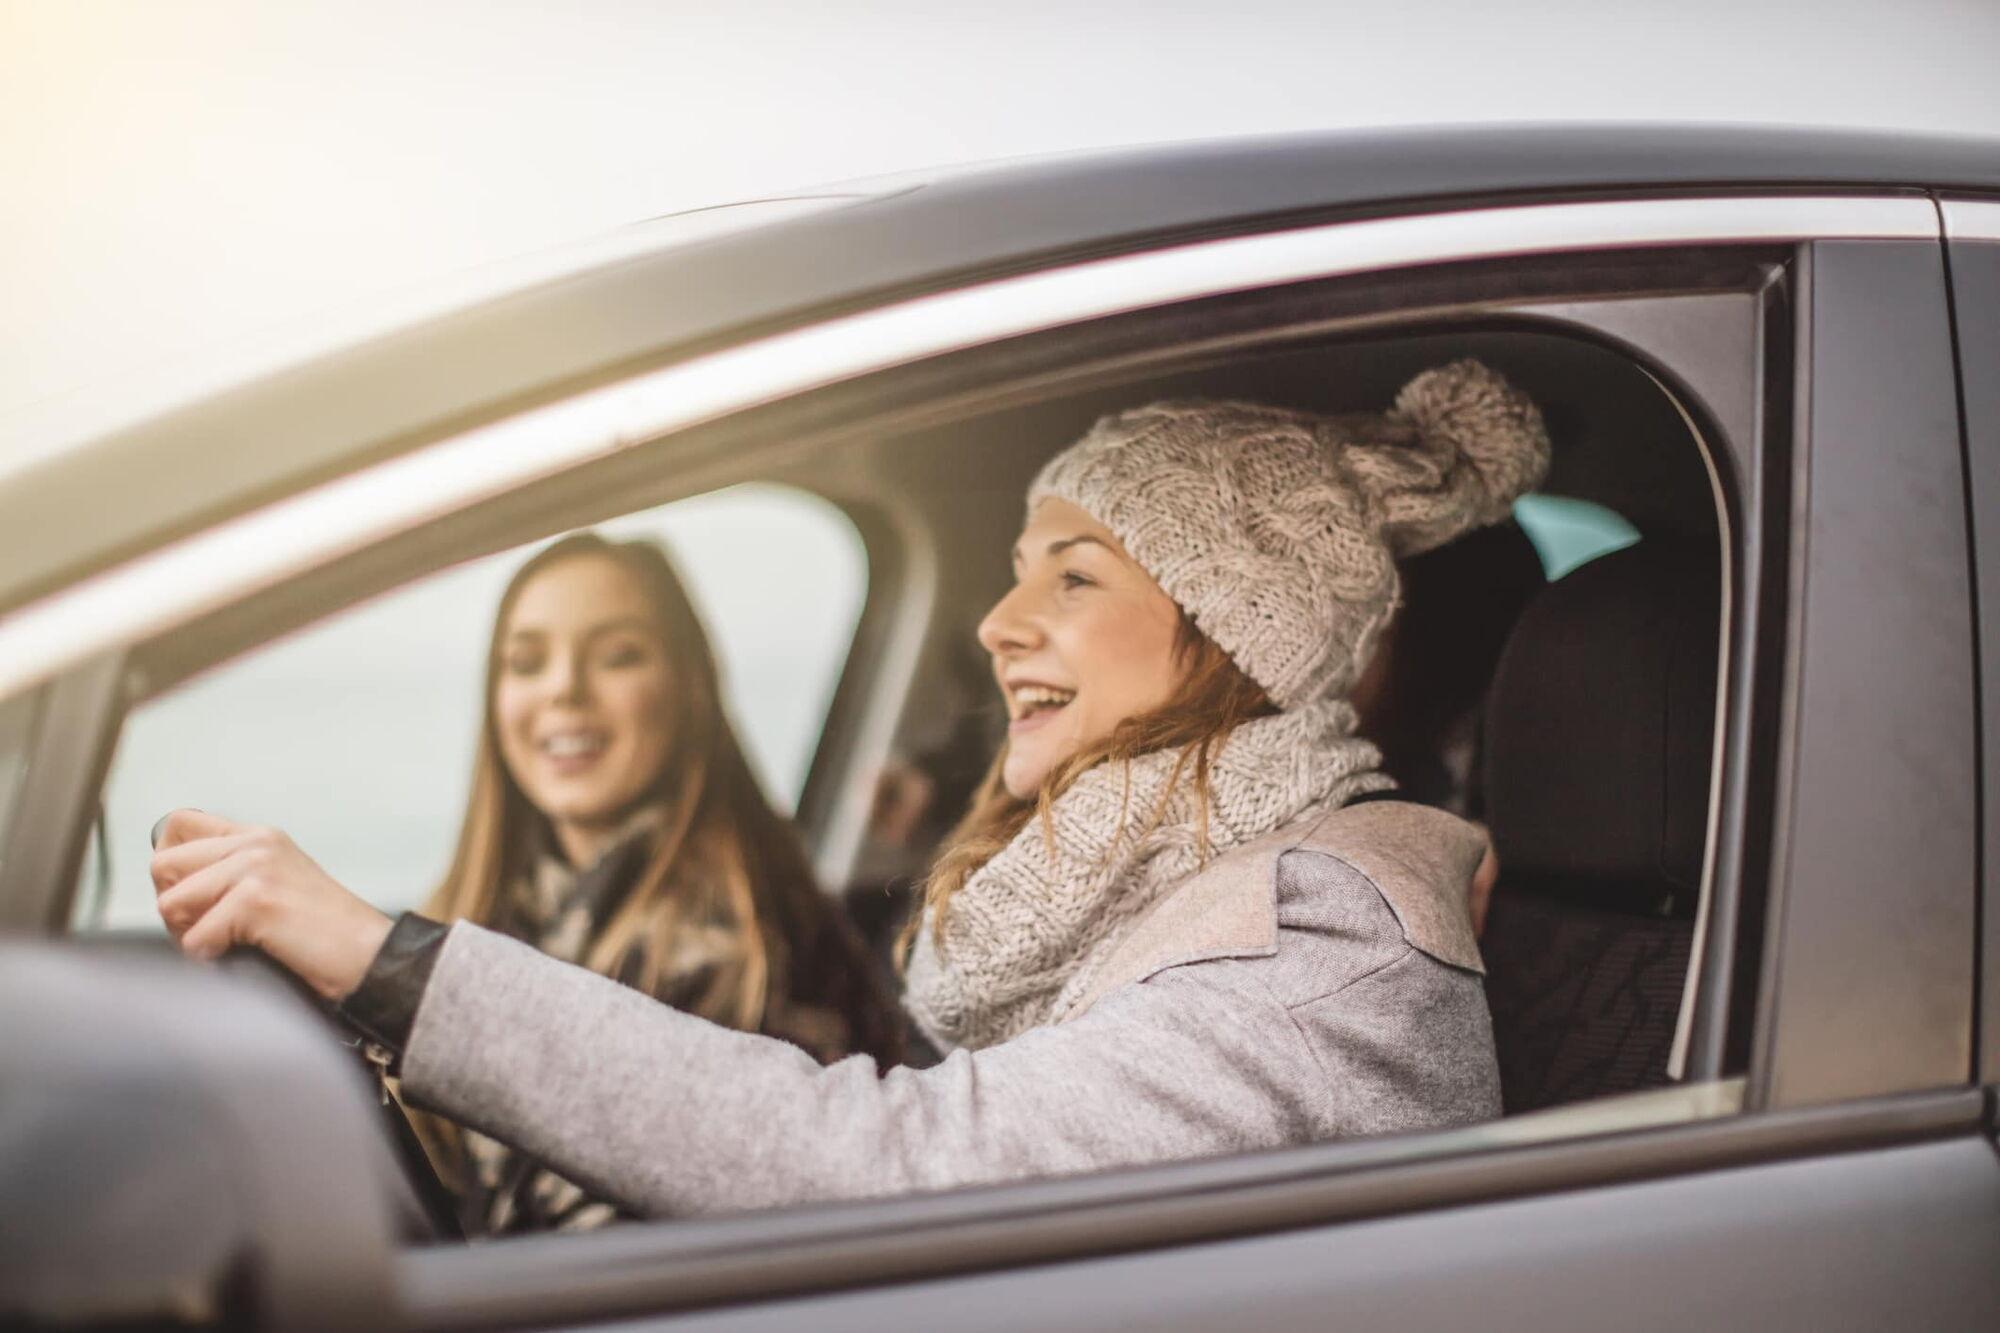 Сучасні автомобілі не потребують прогрівання на холостому ходу